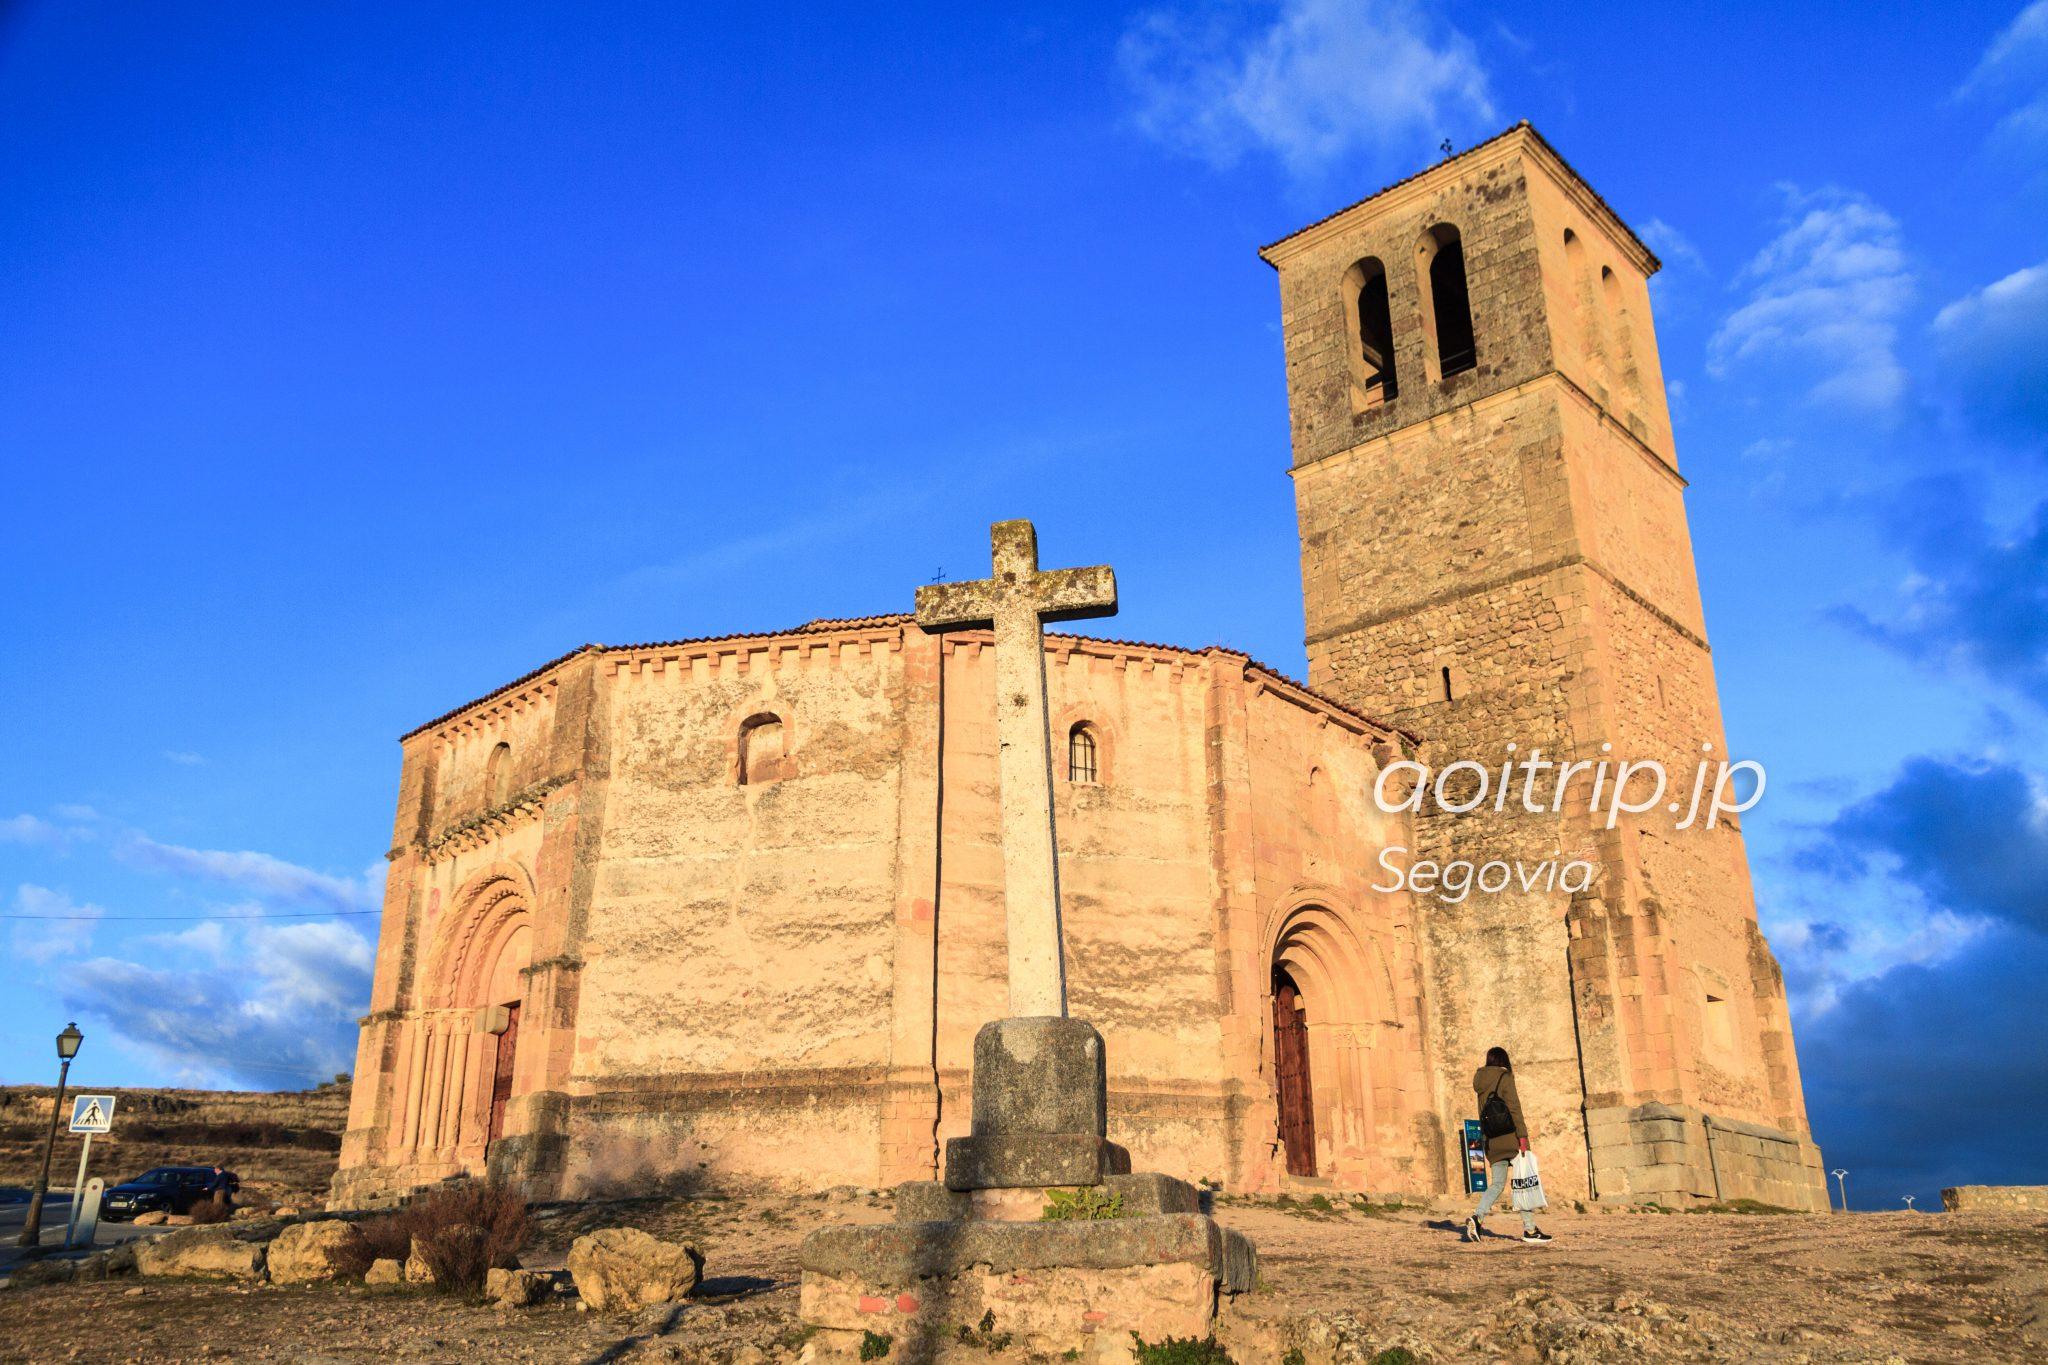 セゴビア ラベラクルス教会